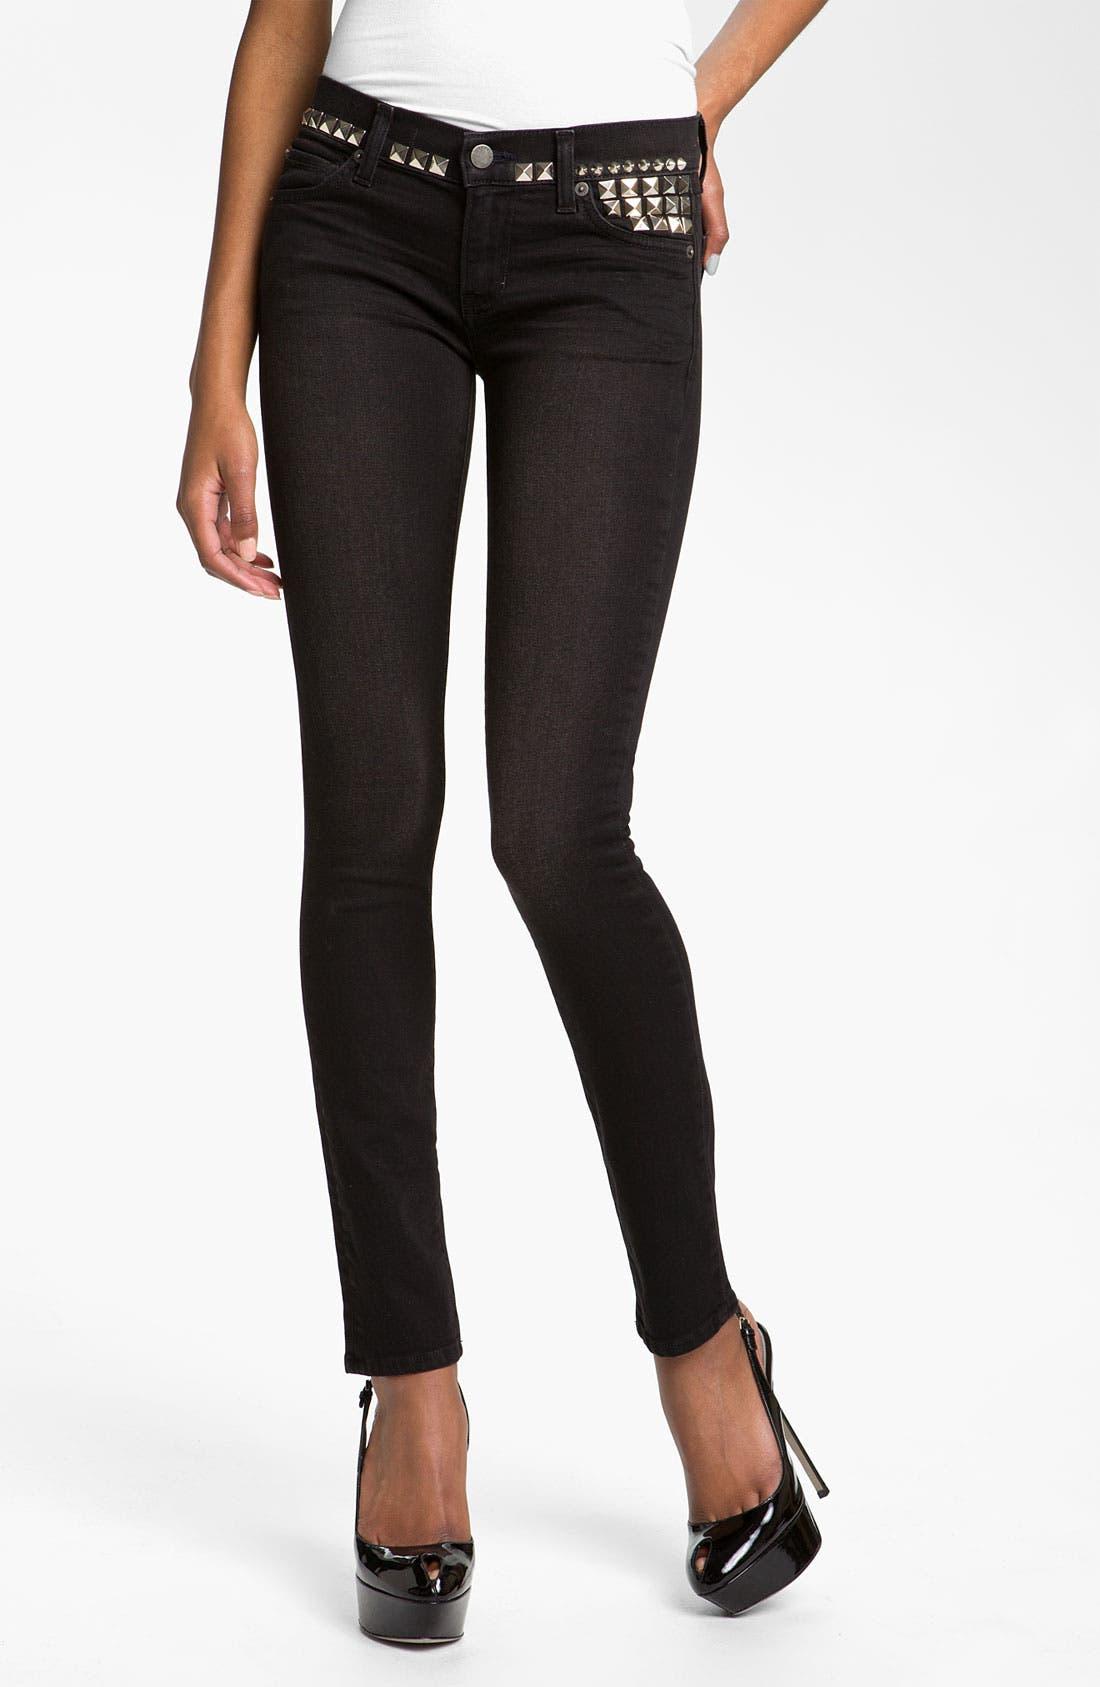 Alternate Image 1 Selected - TEXTILE Elizabeth and James 'Debbie' Studded Skinny Jeans